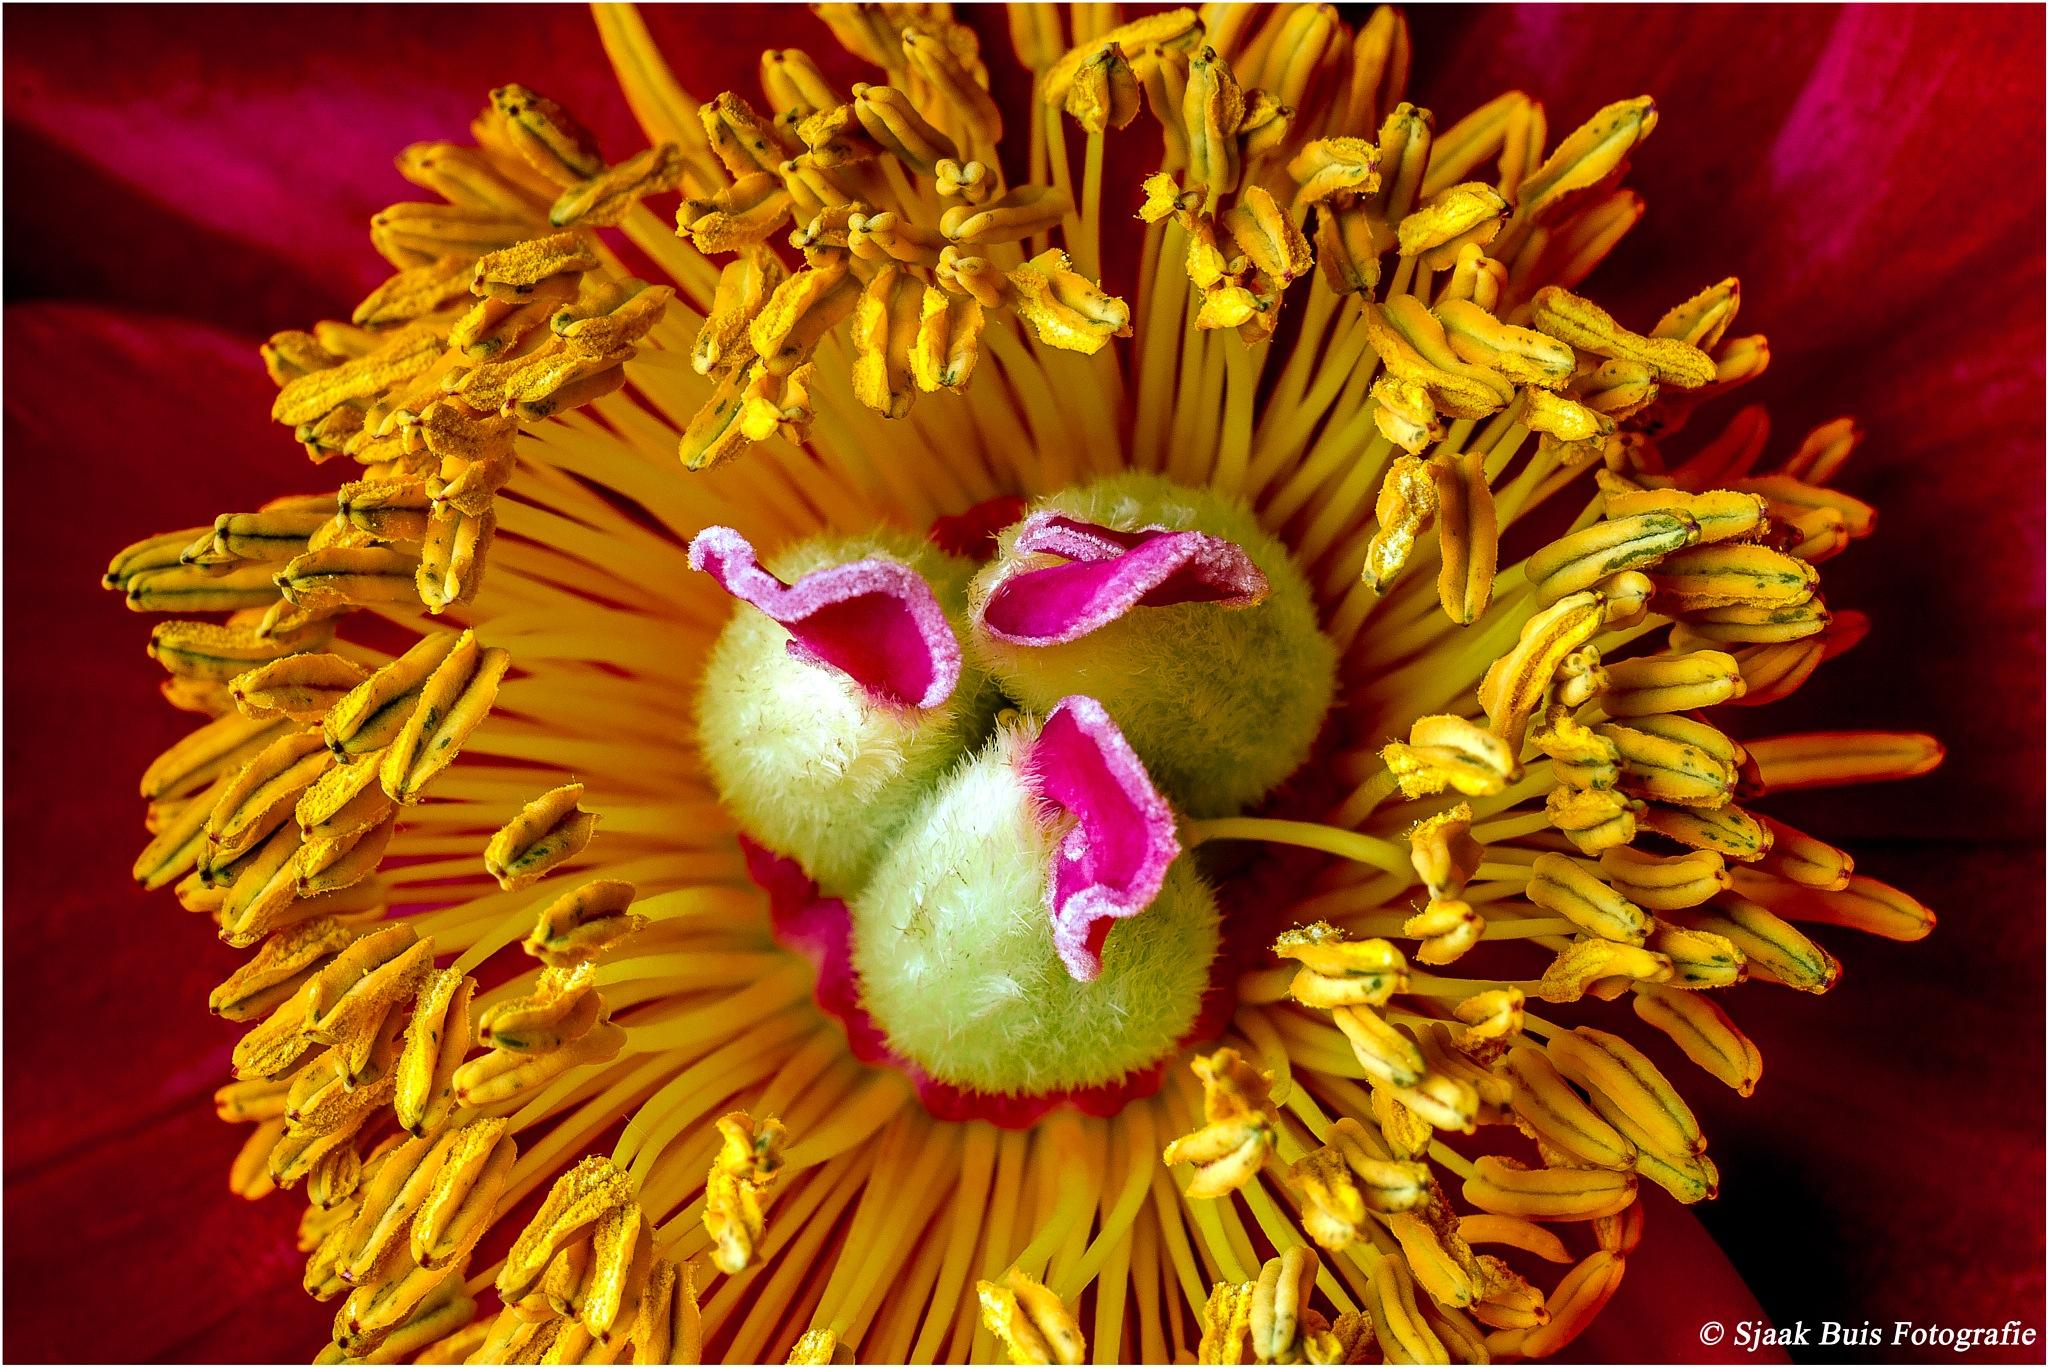 Hart from Pioen Roos (Flower) by Sjaak Buis